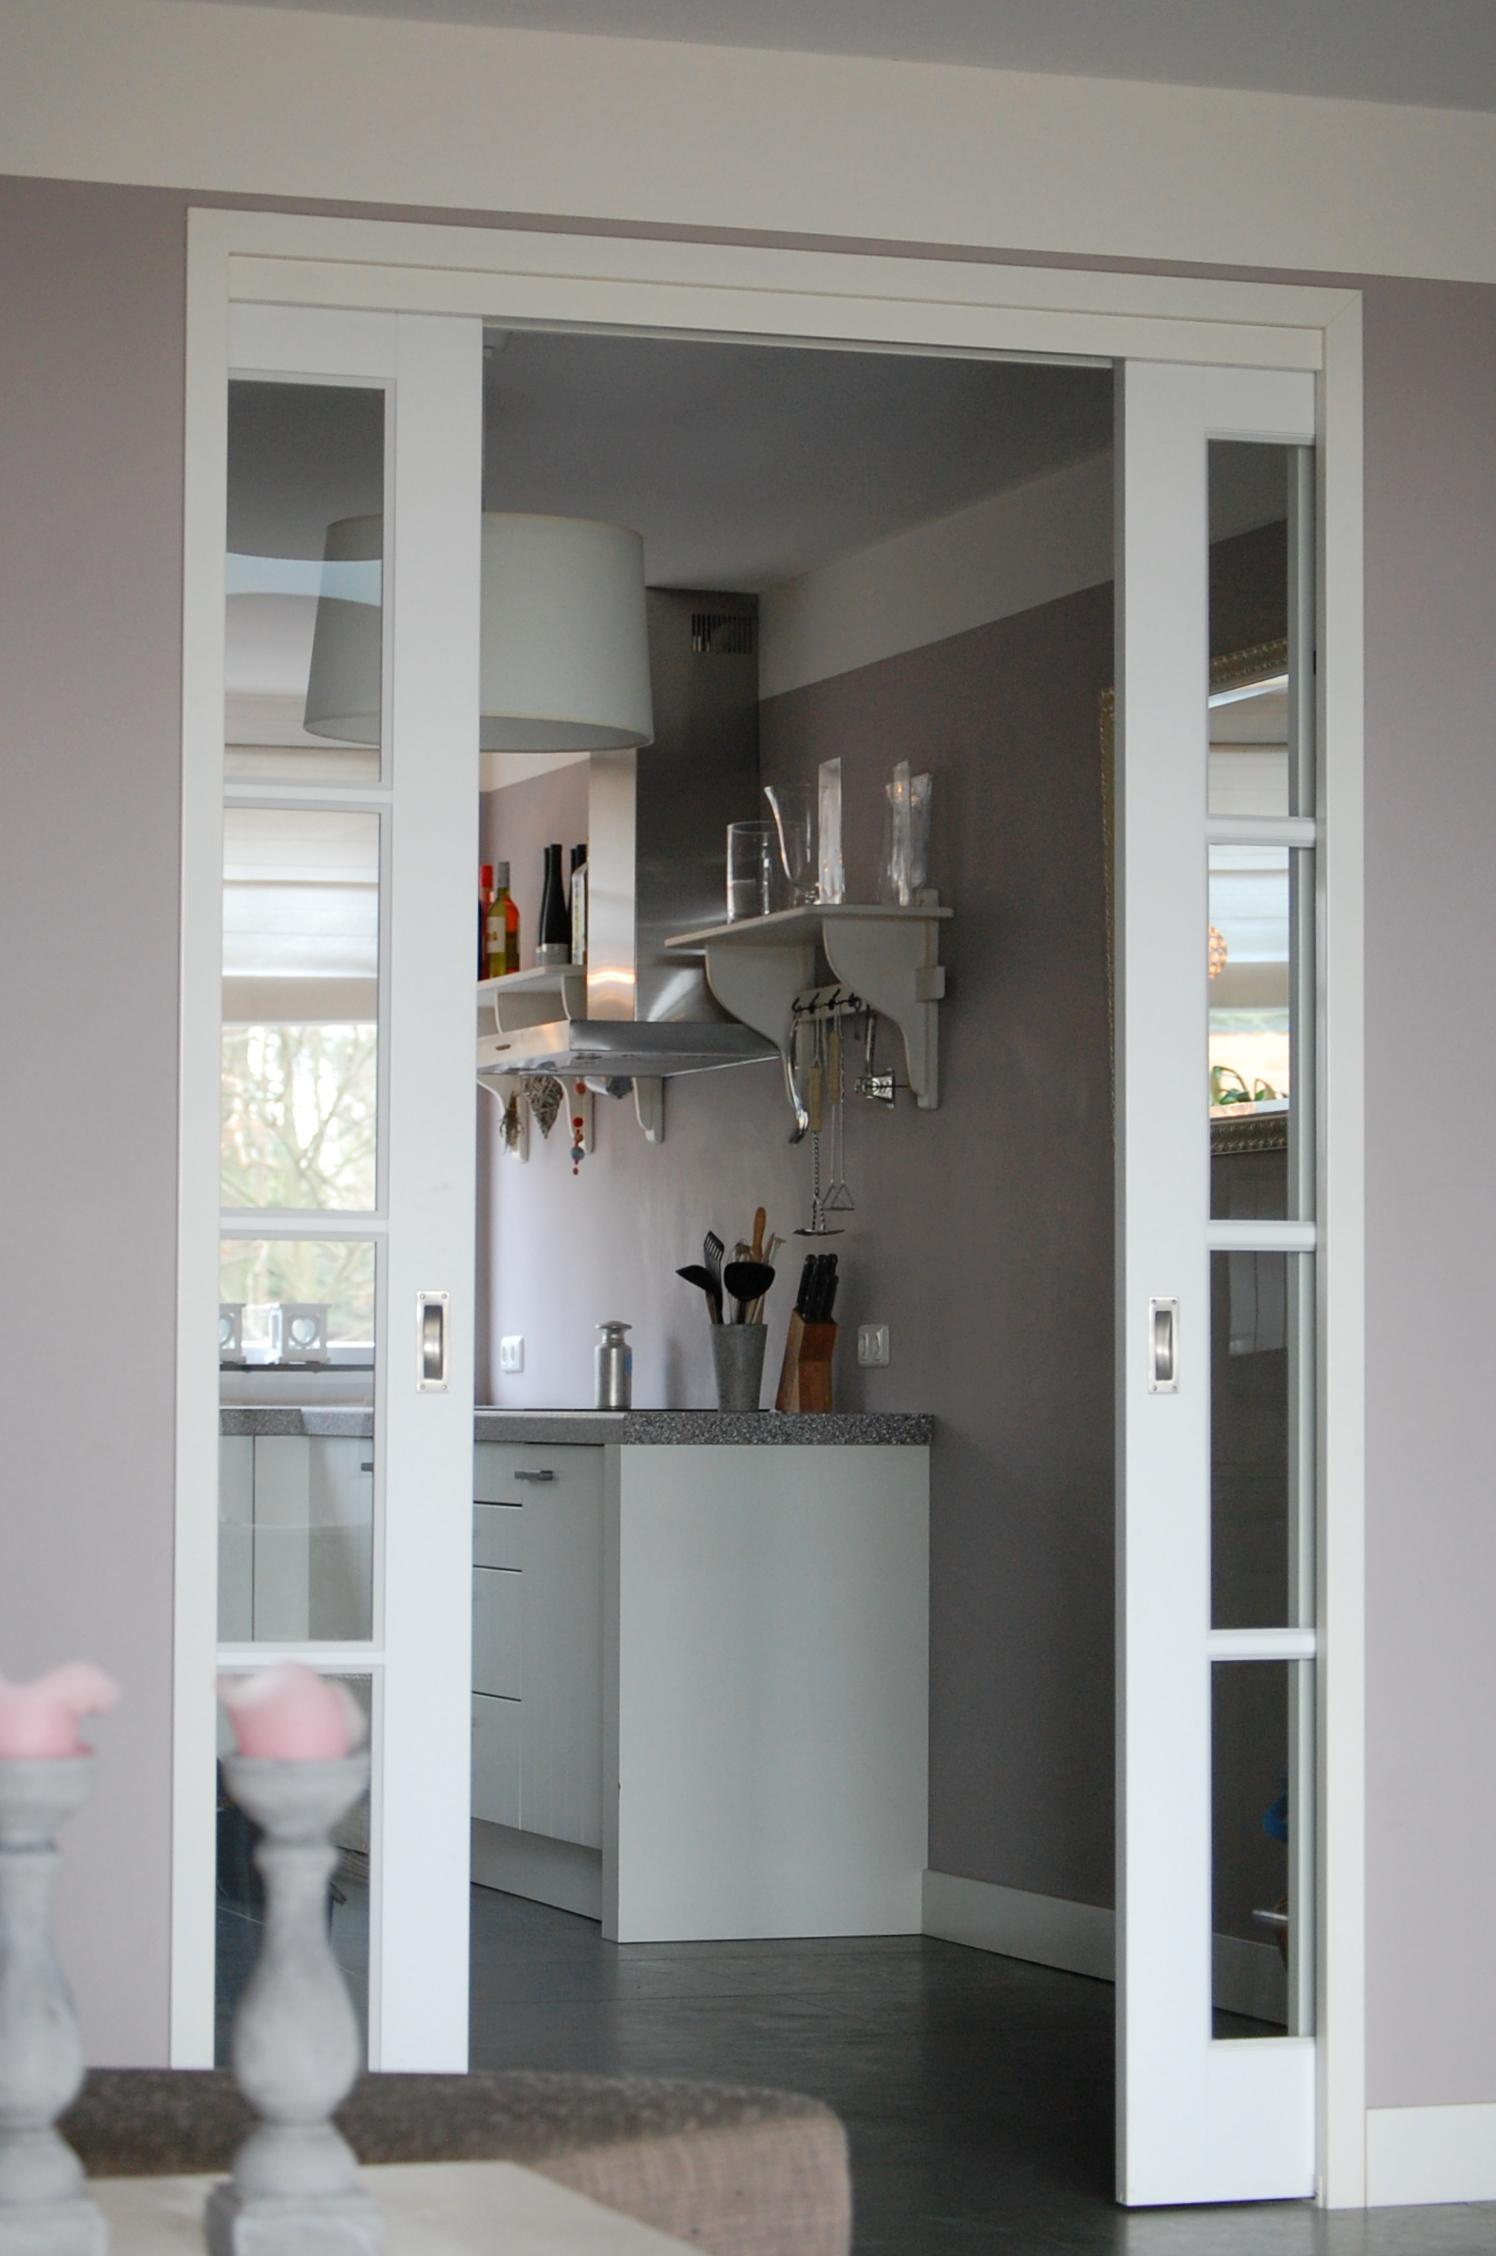 Keuken ontwerp vintage artownit for - Vintage keukens ...